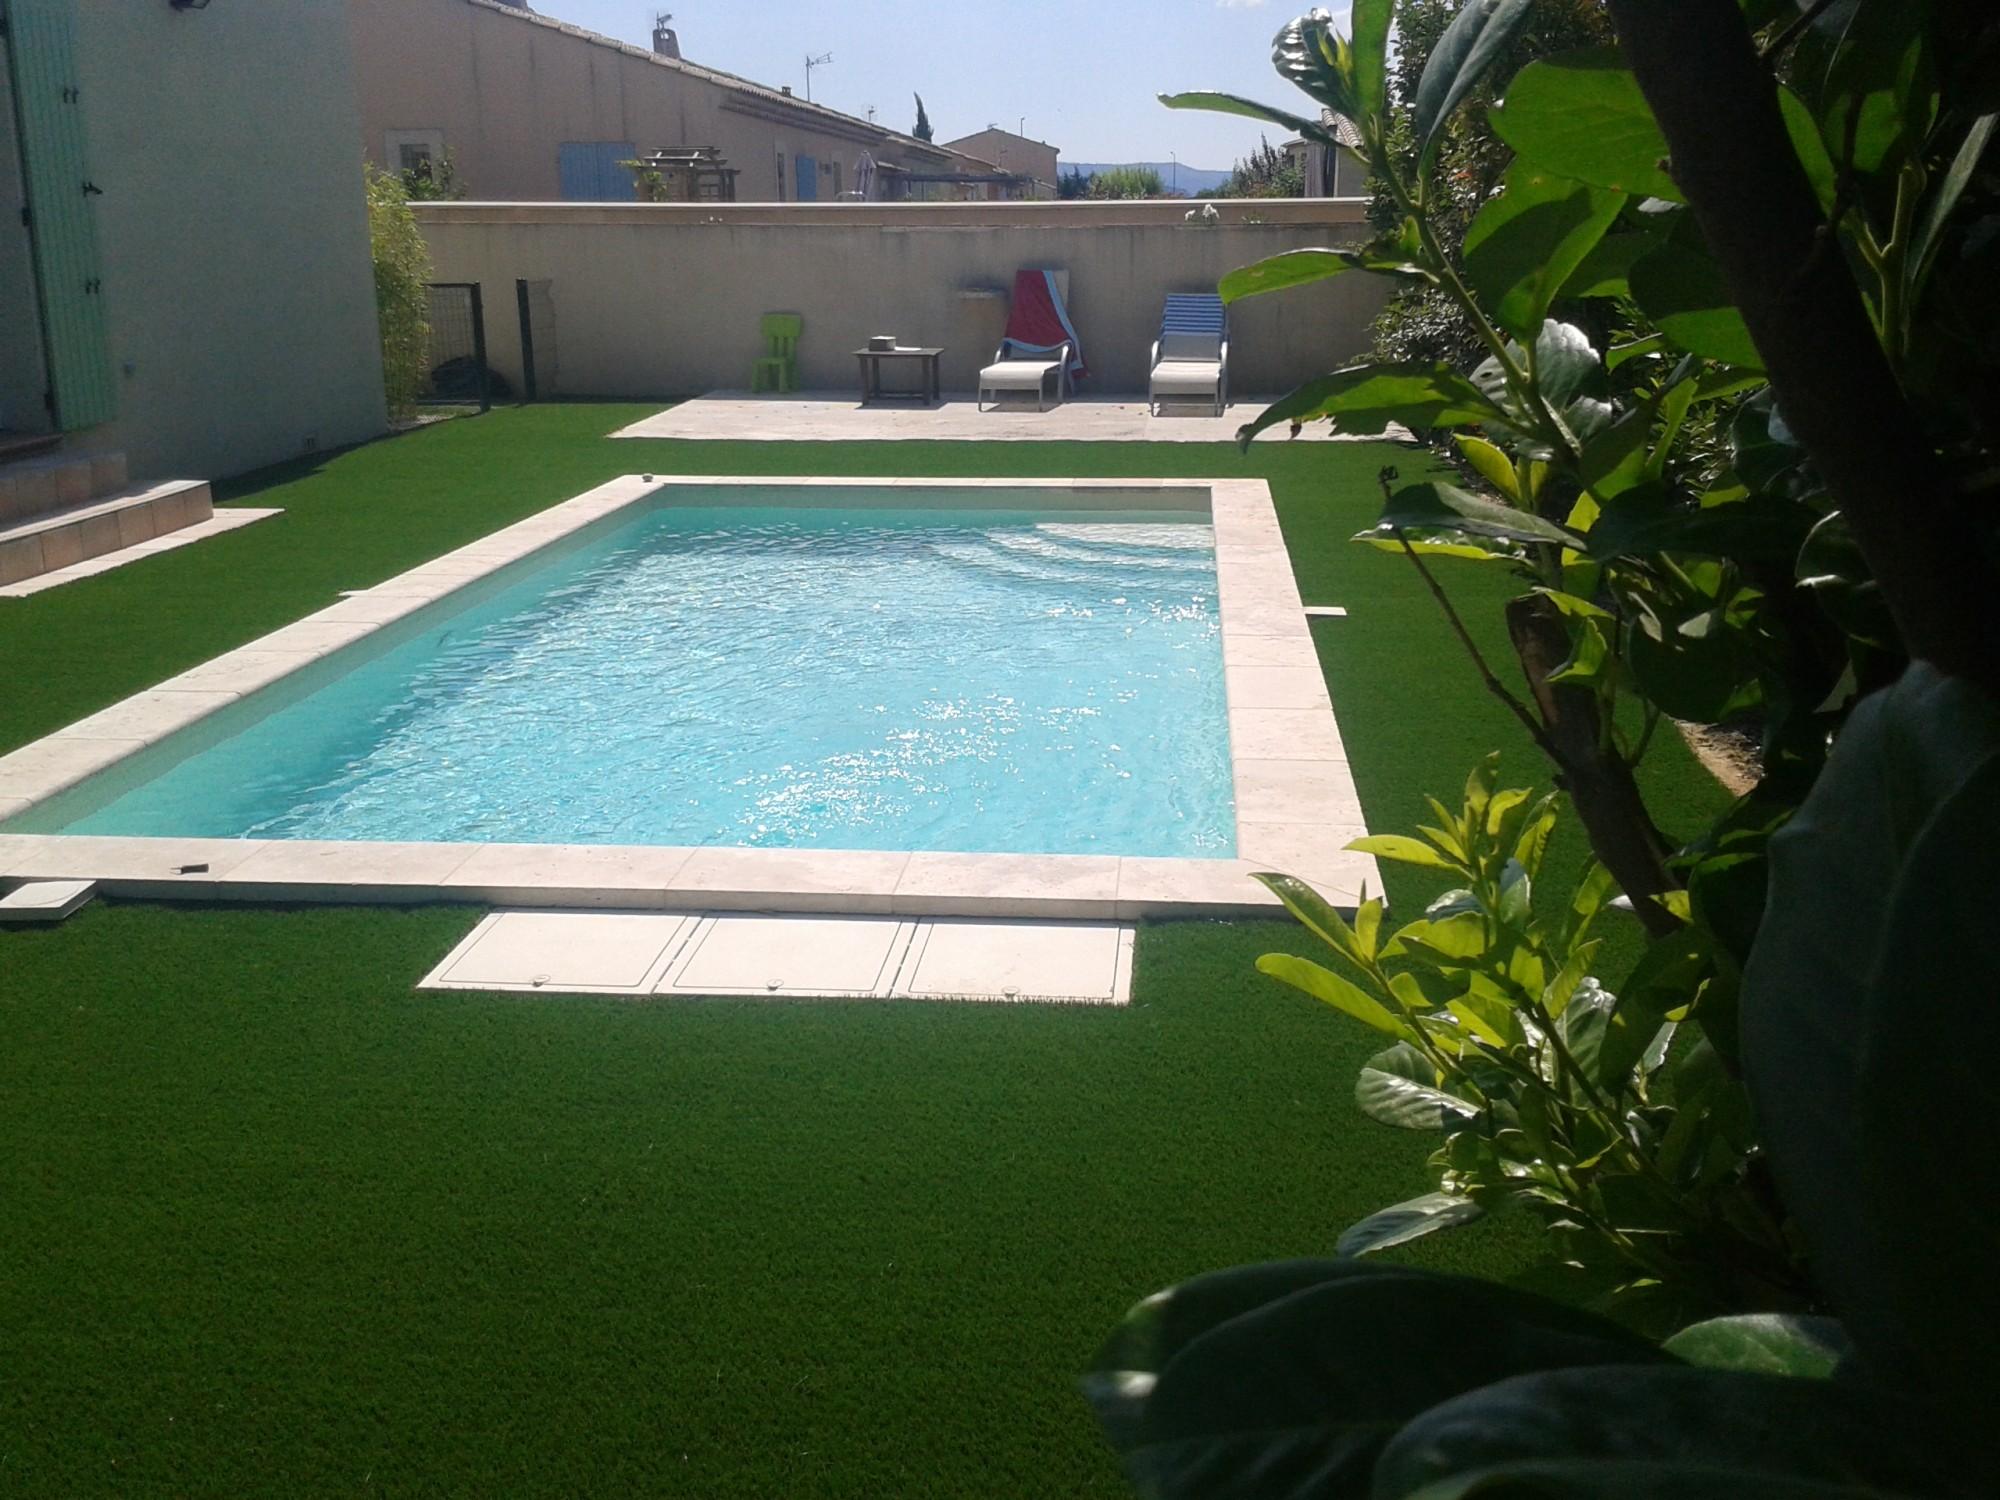 Pose d\'un gazon synthétique autour d\'une piscine à Aix en Provence ...